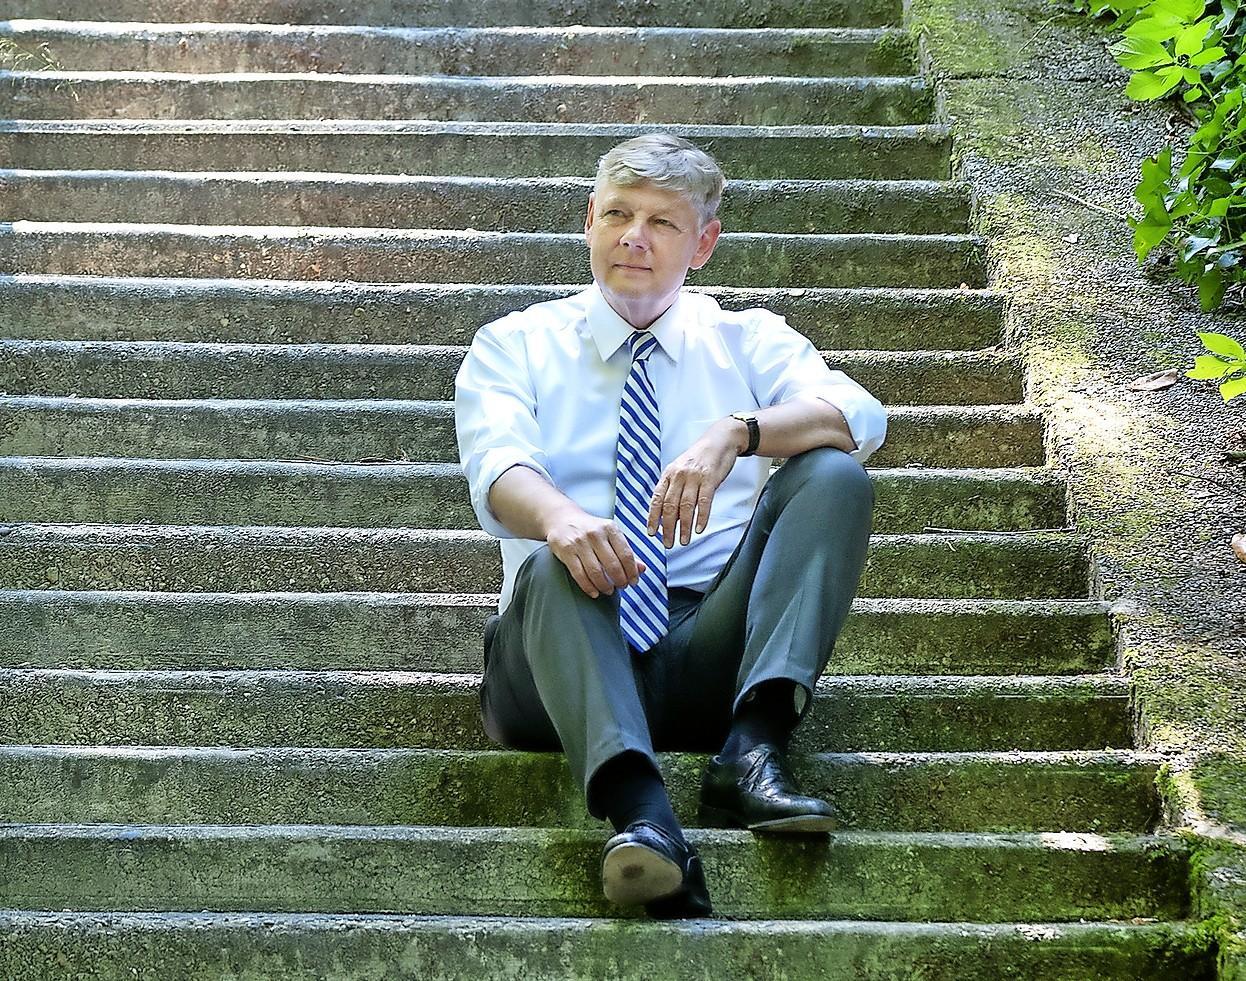 Burgemeester Roest wil samen met gemeenteraad korte metten maken met negatieve sfeer: 'Met Bloemendaal is bijna niets mis'